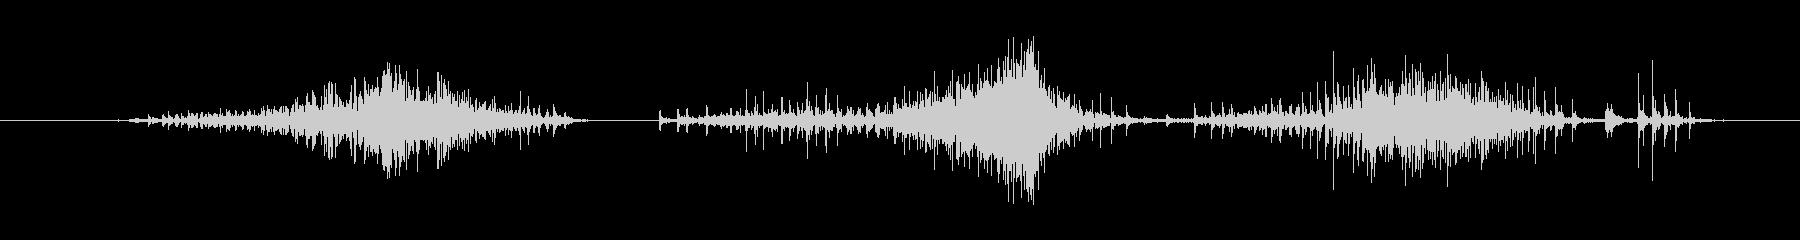 ジー(ポーチのジッパー開ける音)の未再生の波形